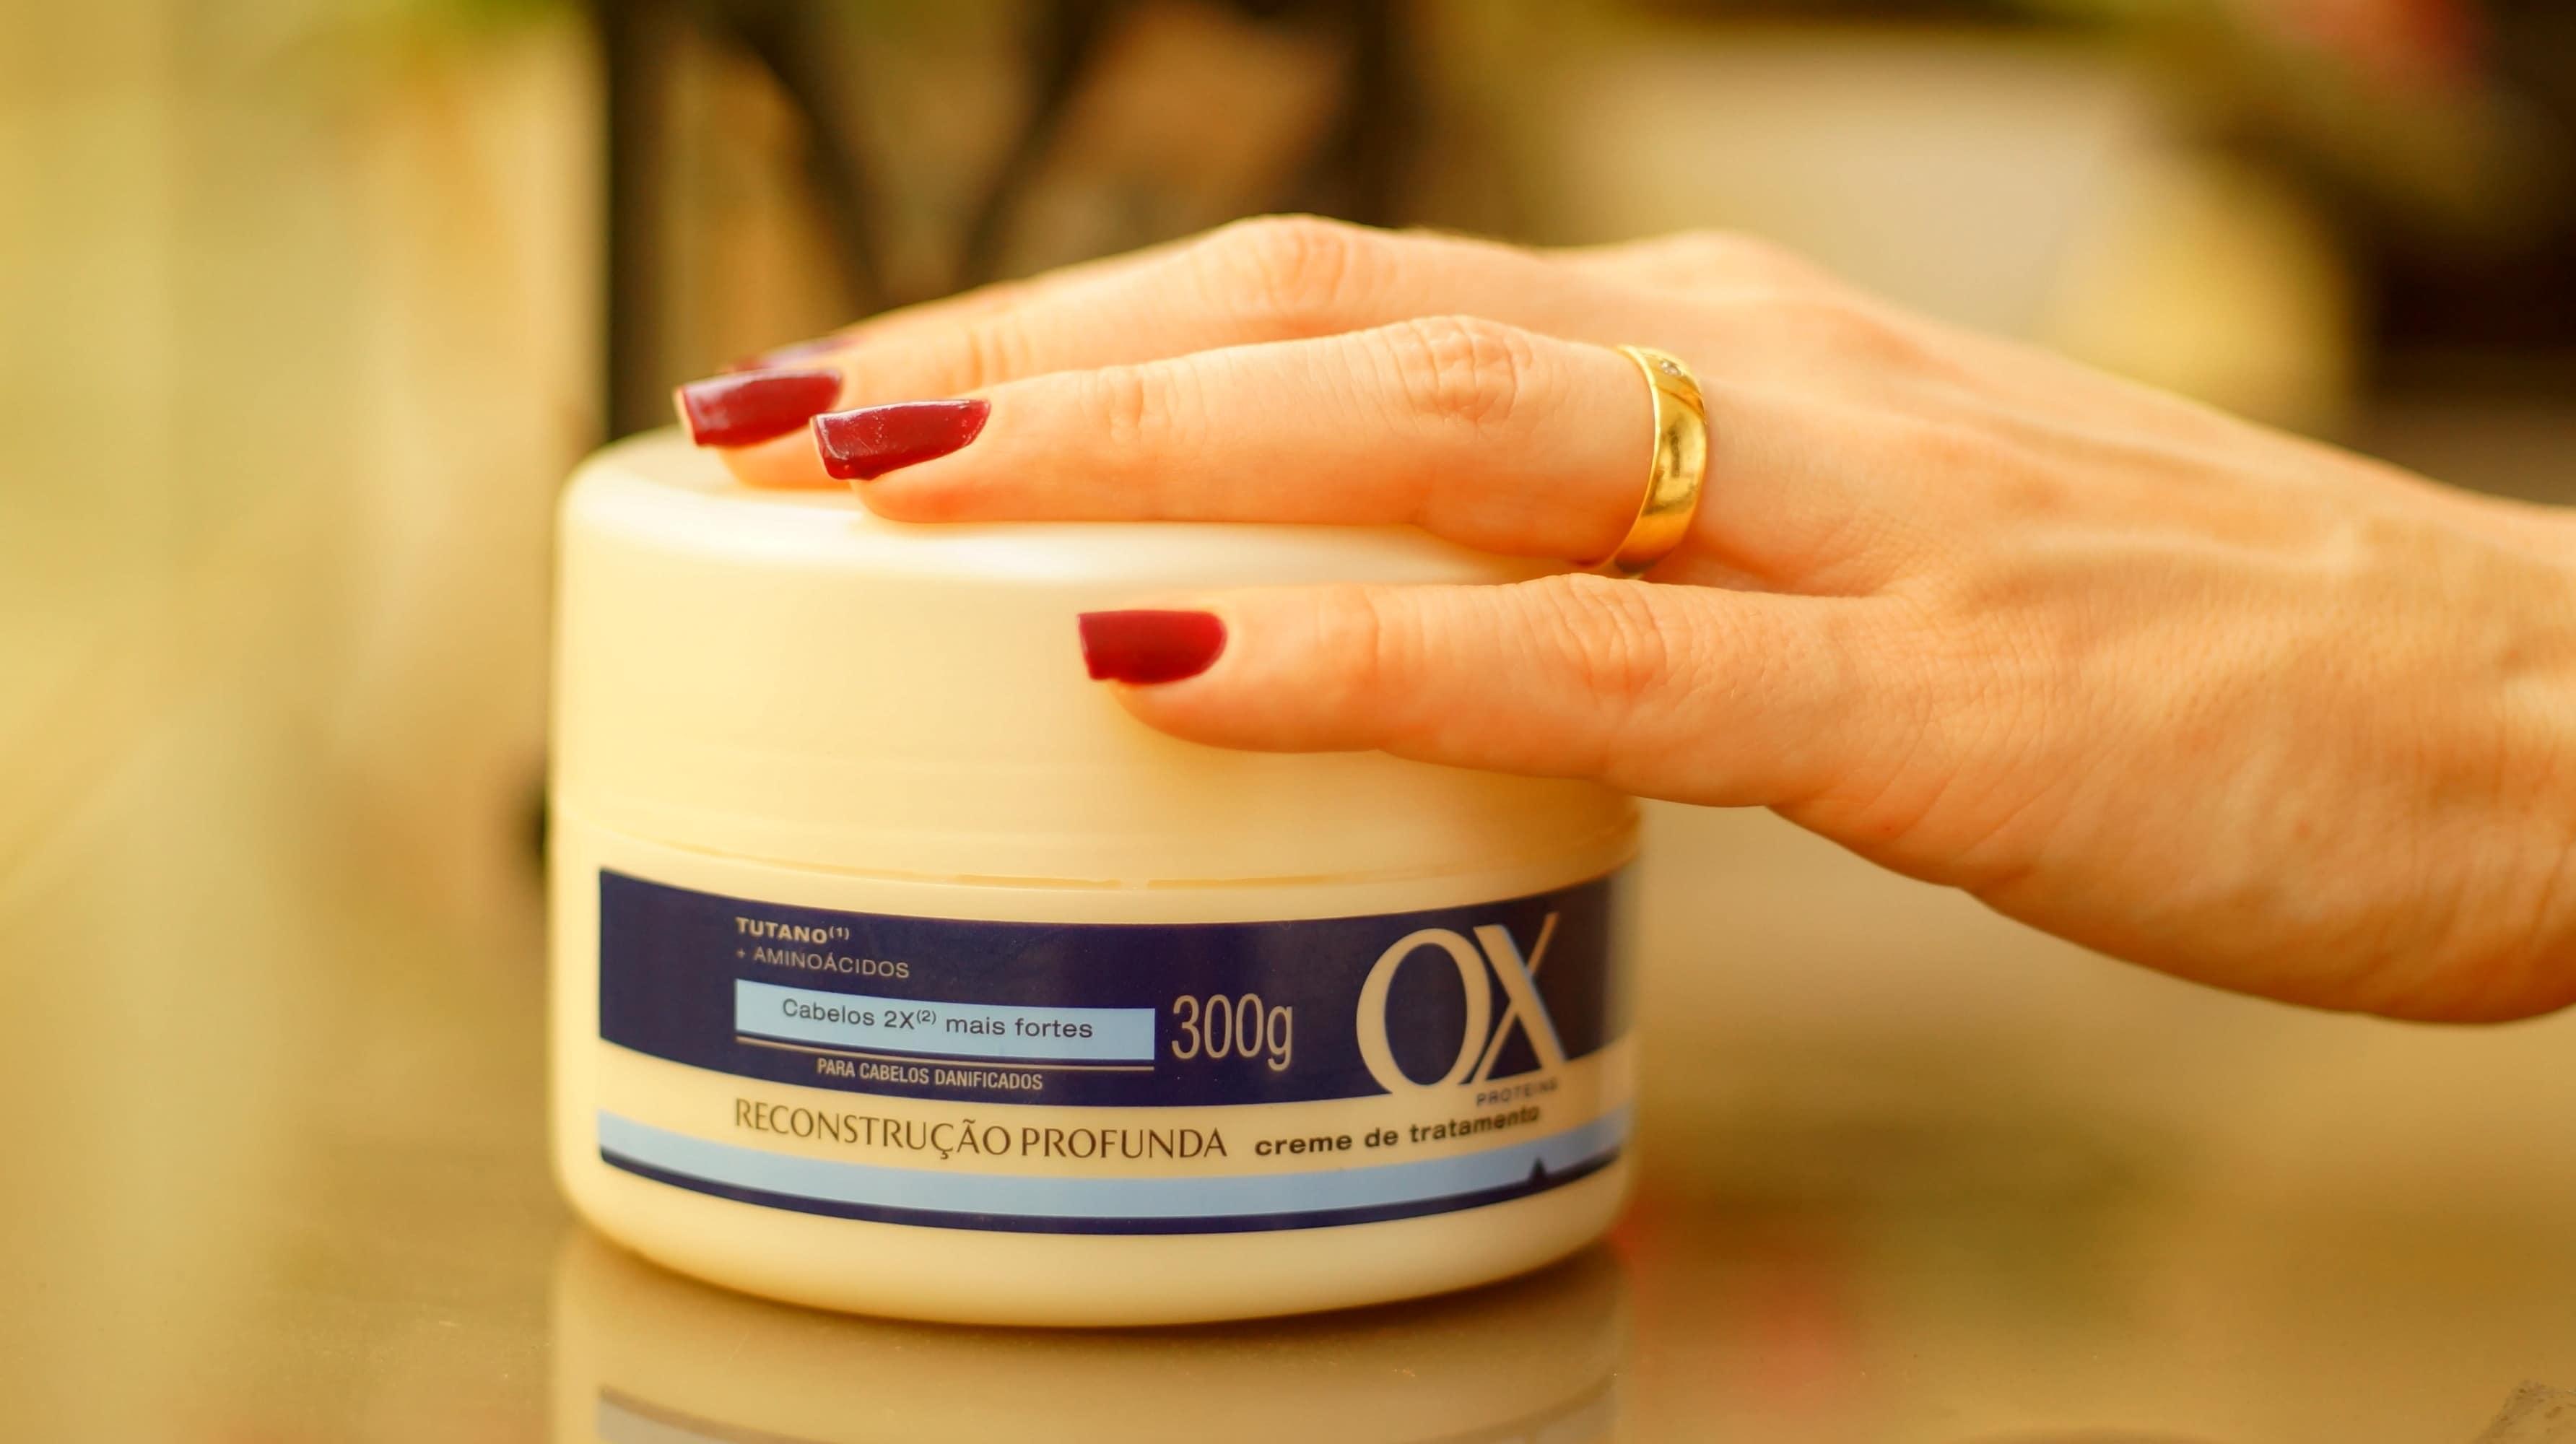 Creme de tratamento OX Proteins